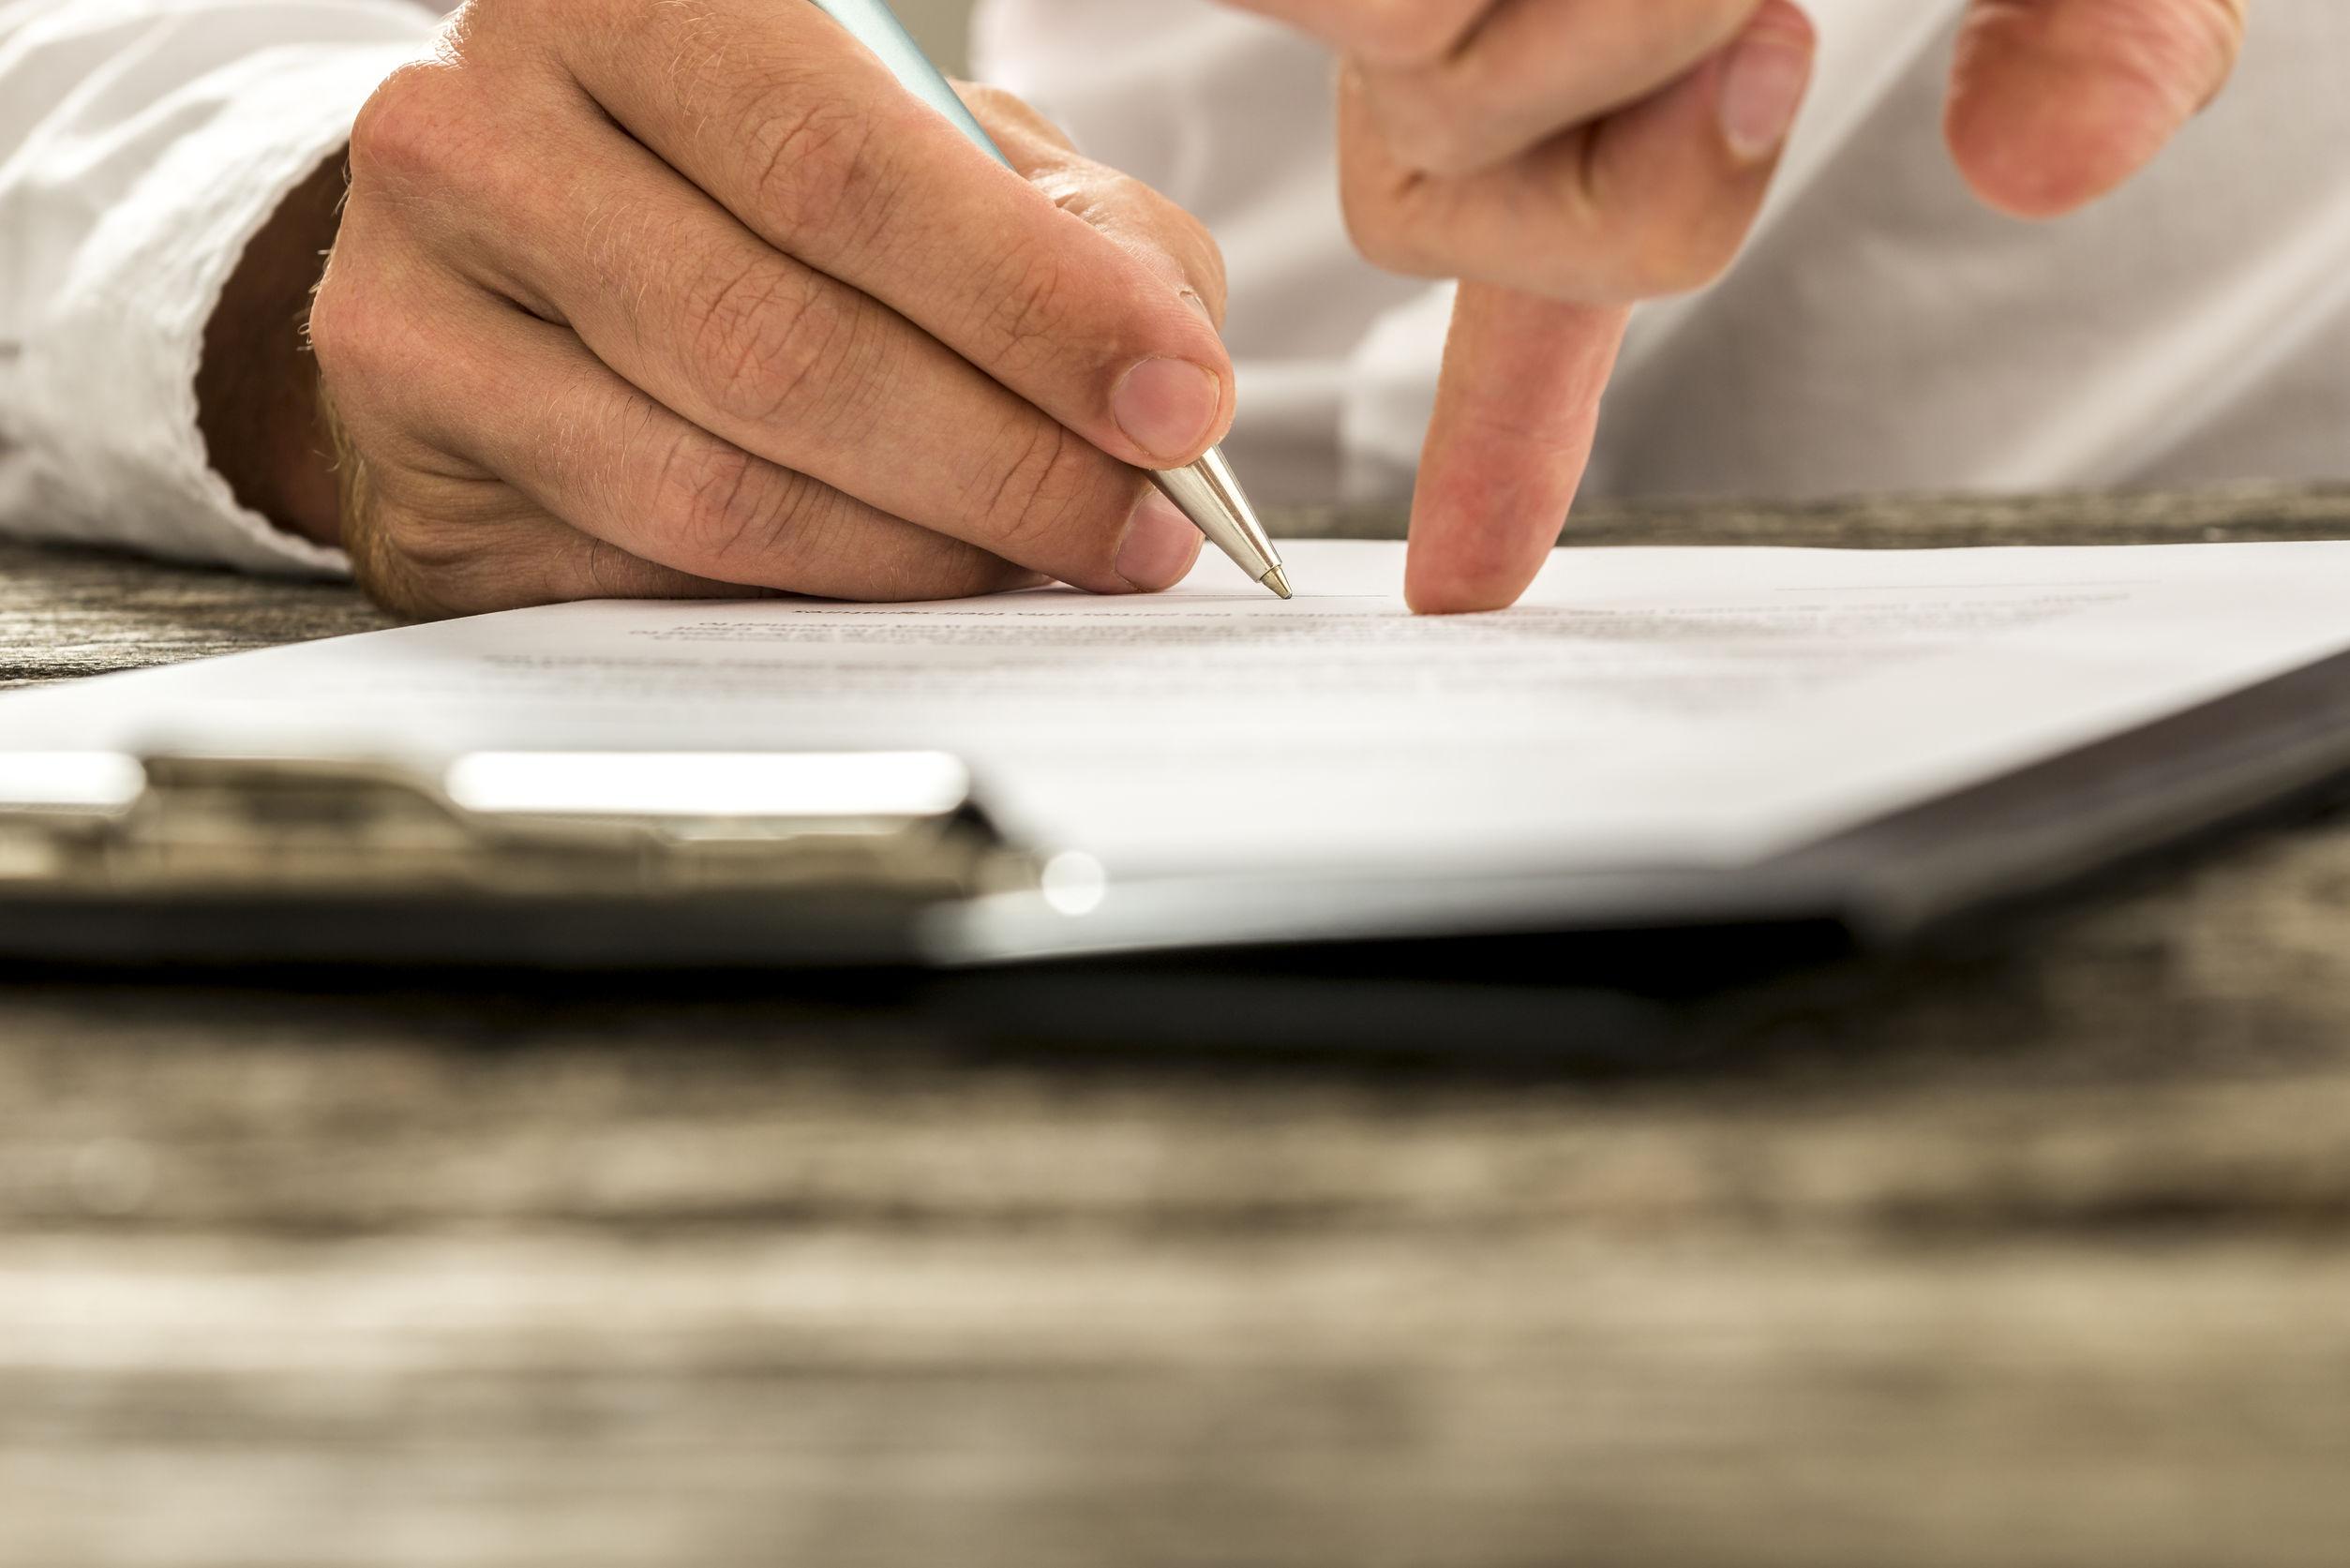 Съпружеска имуществена разделност, СИО, Адвокат семейни дела, бракоразводен адвокат, определяне на по-голям дял и принос в семейството, Родителски права